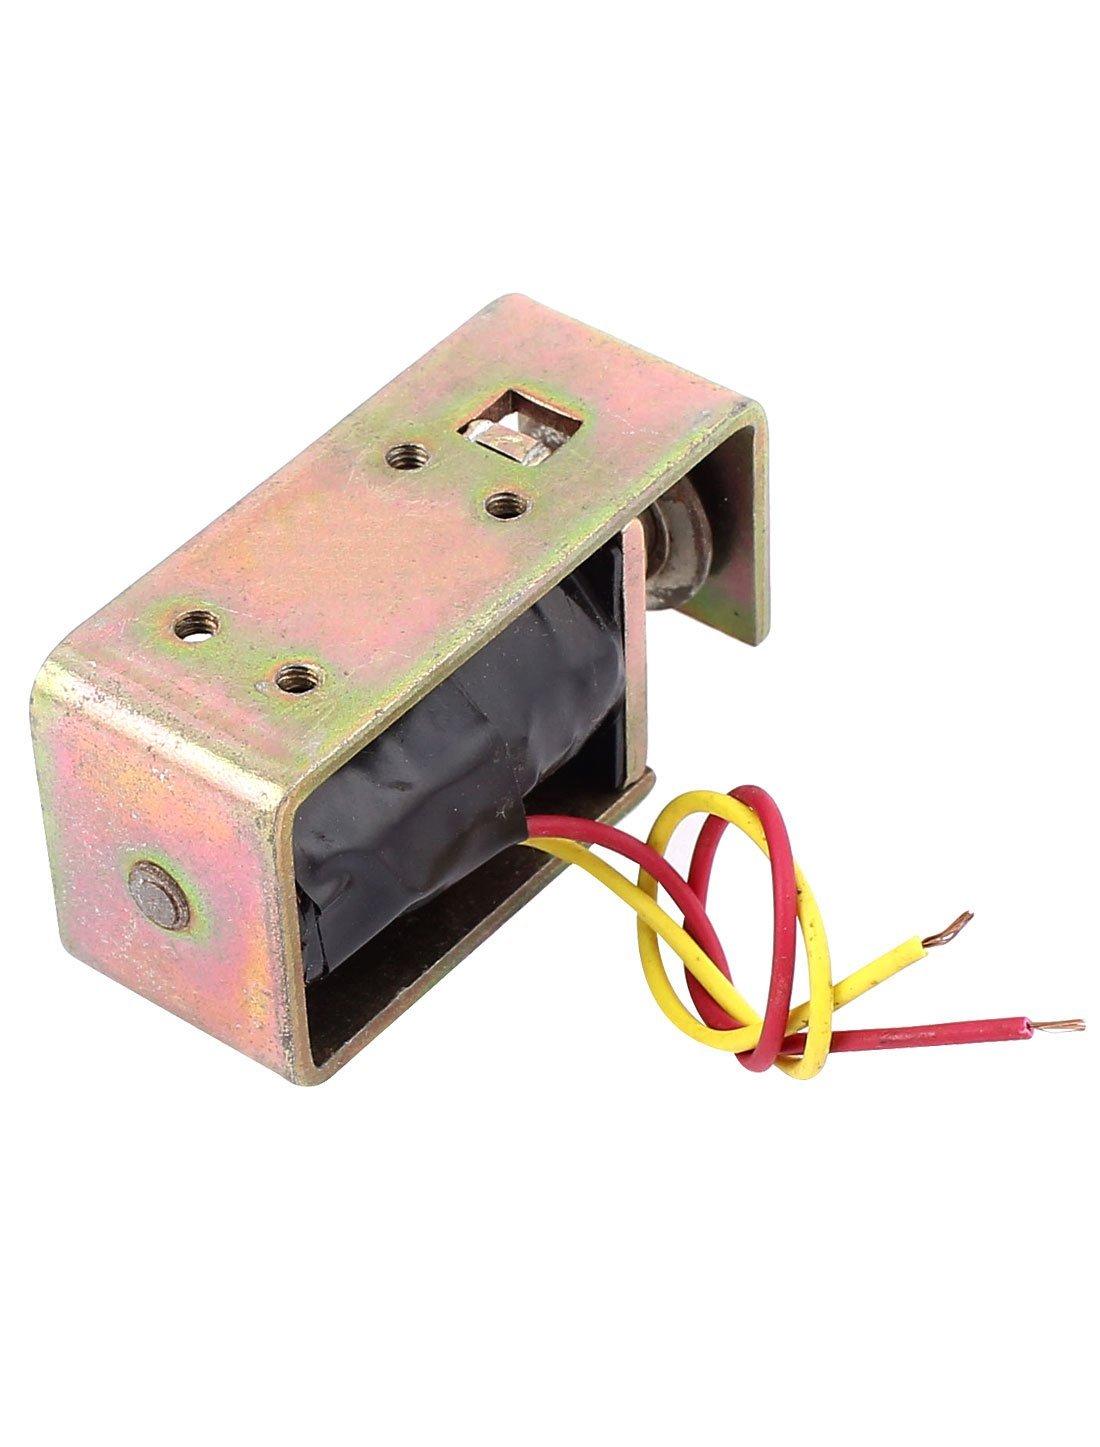 eDealMax DC 6V 8 mm 12g de bastidor abierto la cerradura de puerta eléctrica del electroimán del solenoide - - Amazon.com